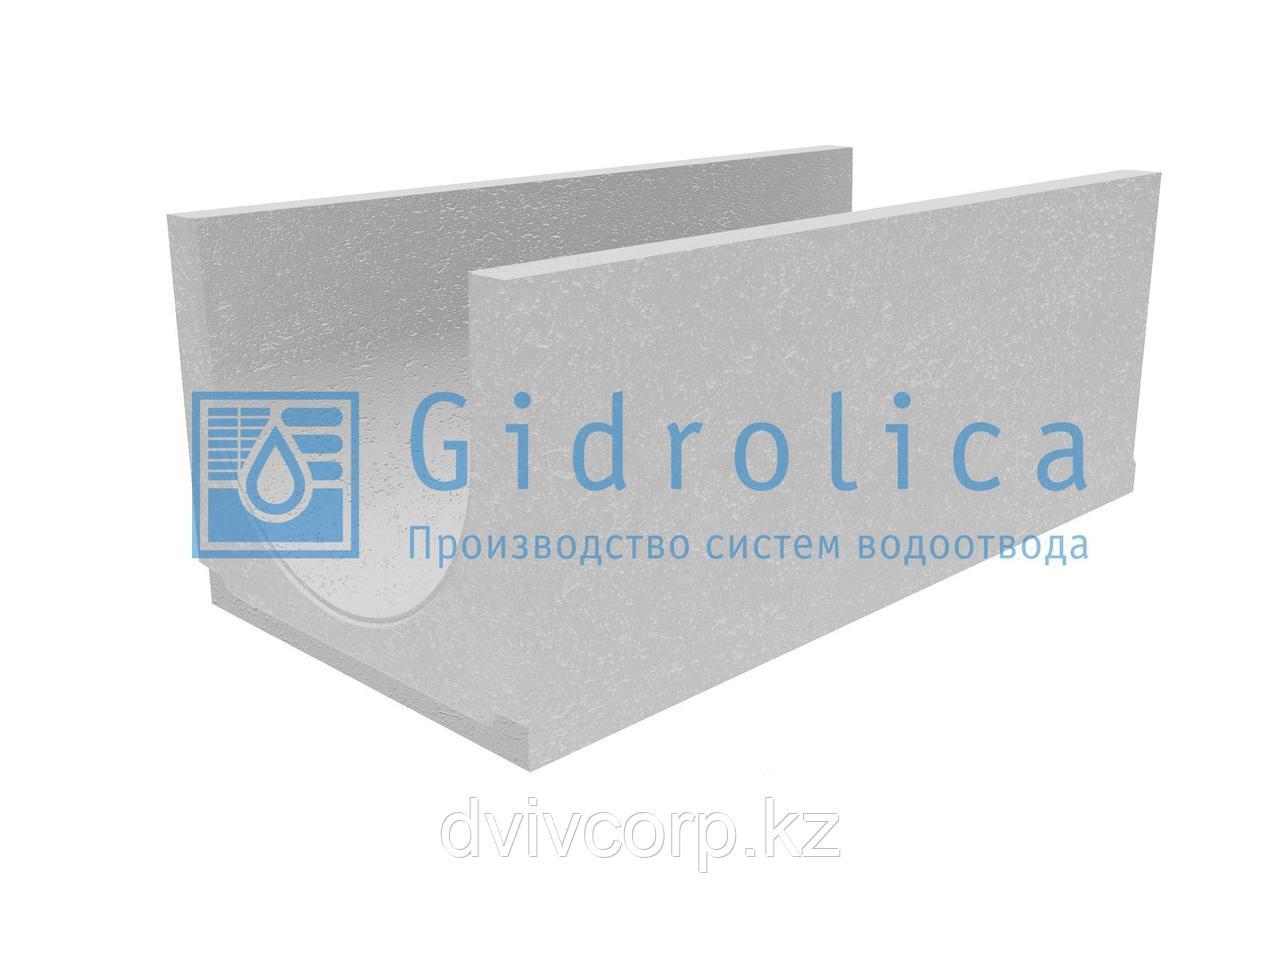 Лоток водоотводный бетонный коробчатый (СО-400мм), с уклоном 0,5%  КUу 100.49,4(40).40(33) - BGU, № 1